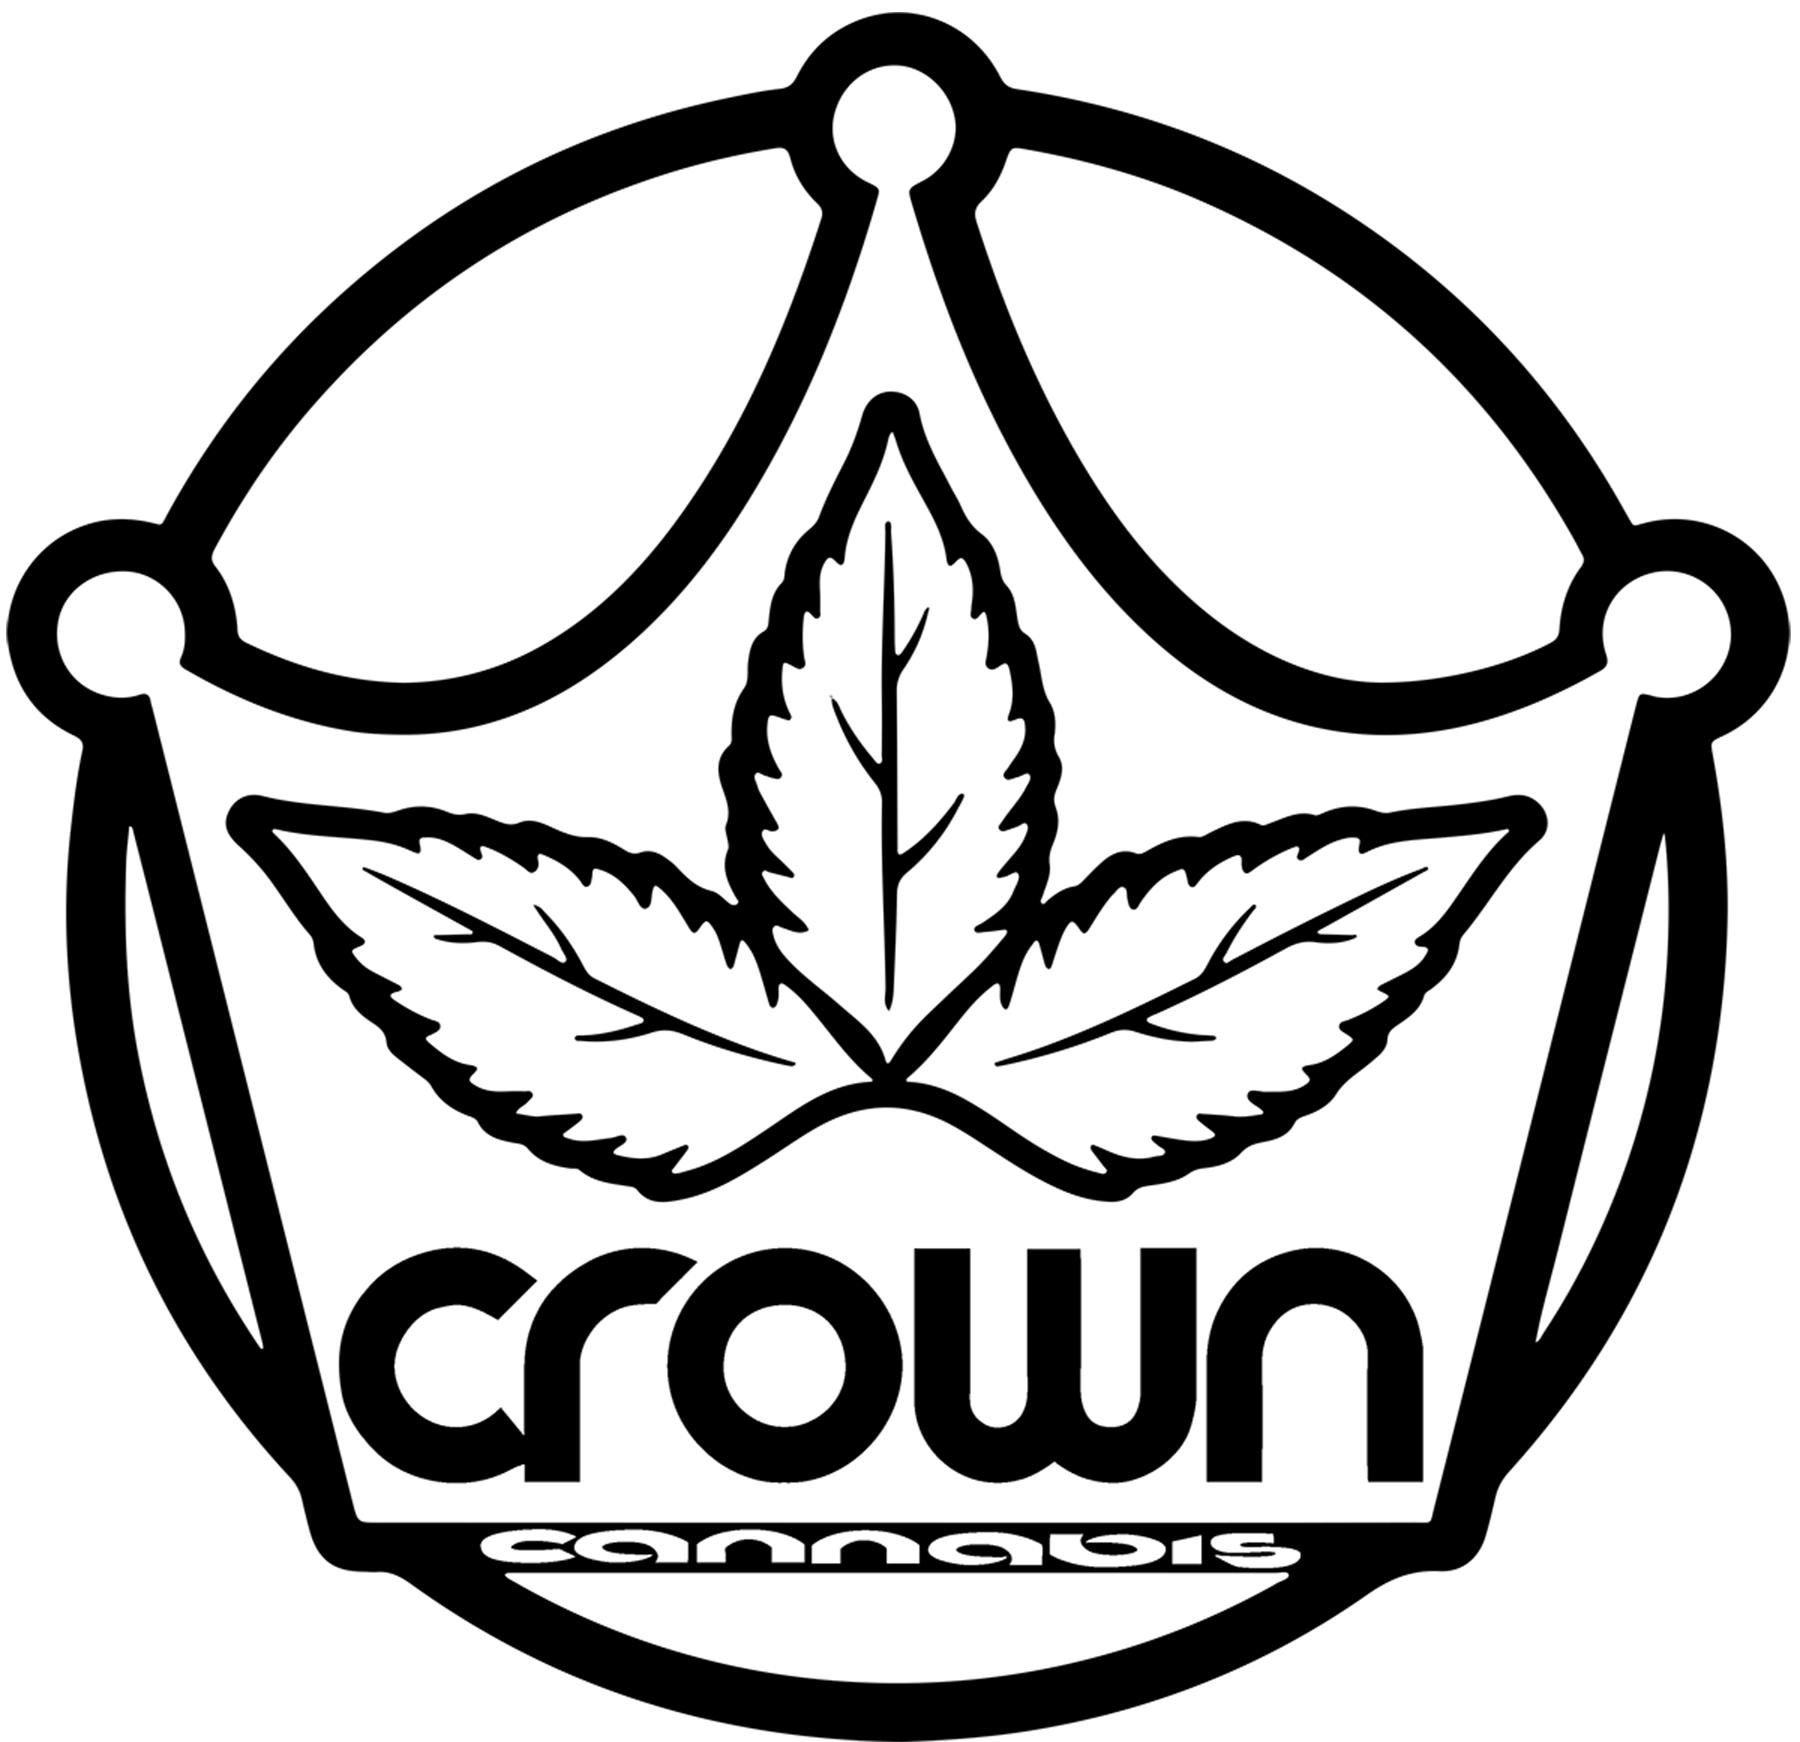 CROWN CANNABIS BLACK LOGO